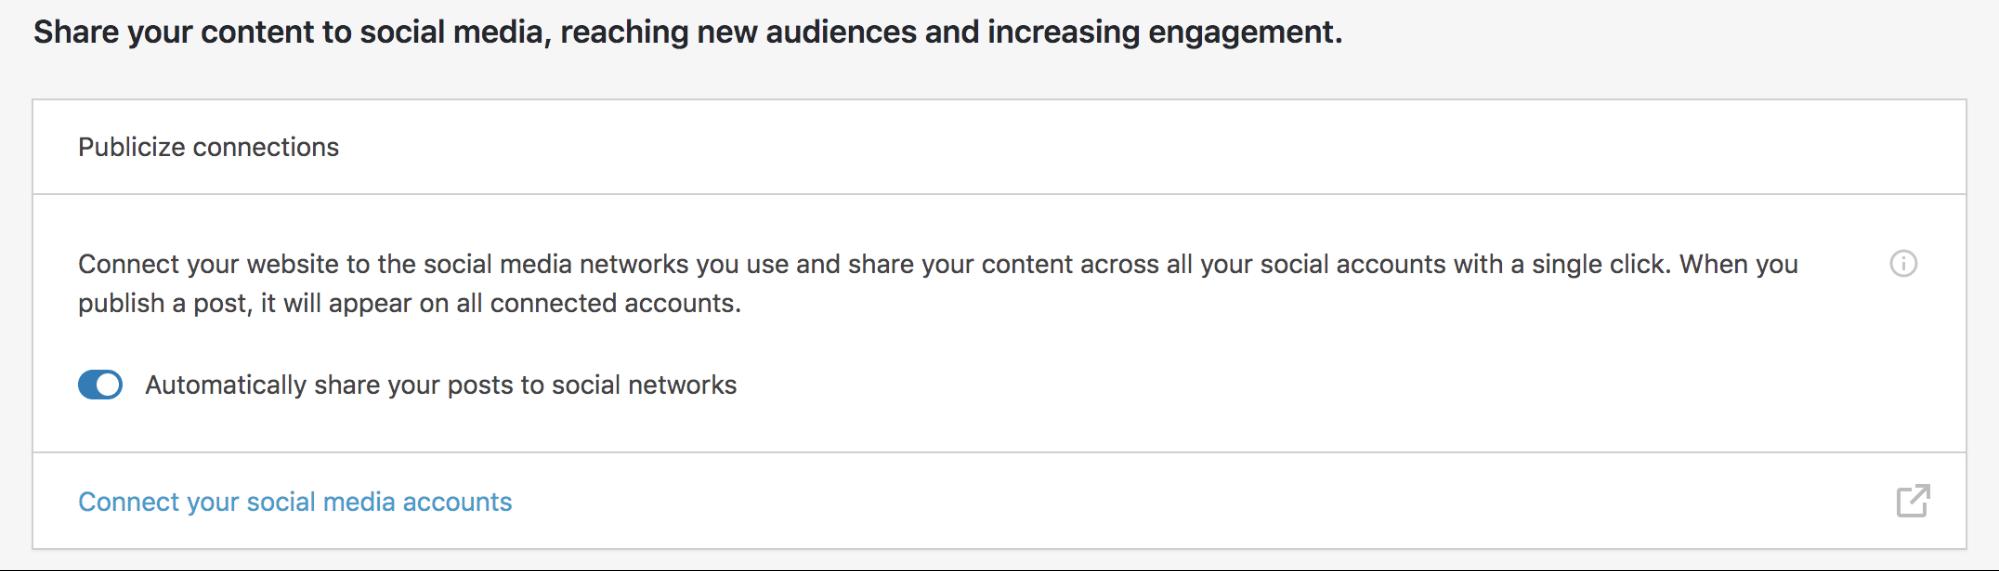 Configurar Jetpack para compartir automáticamente sus publicaciones en las redes sociales.